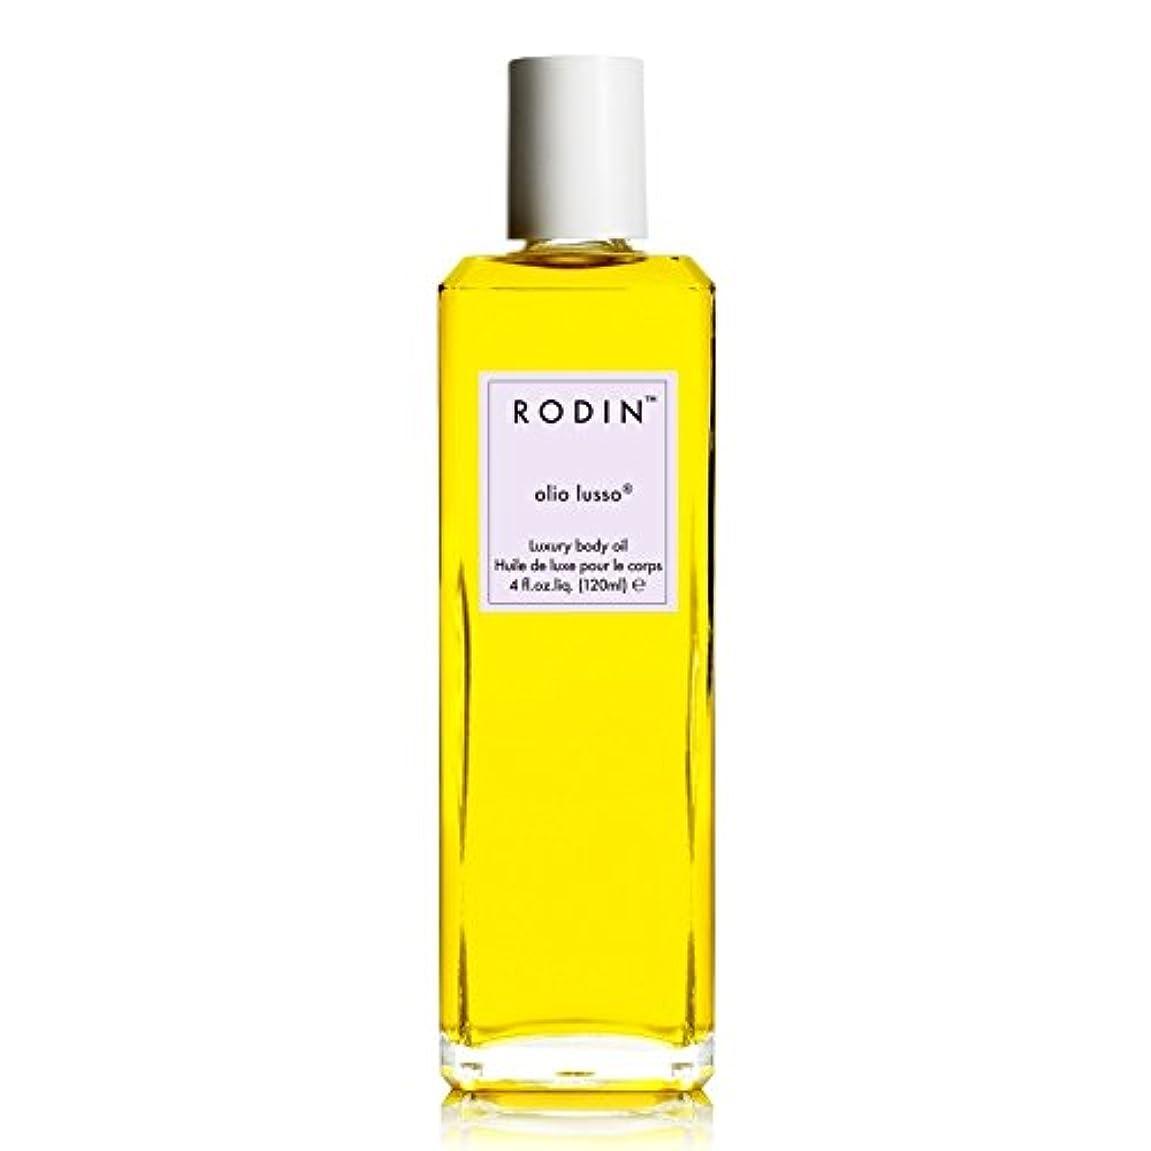 挨拶するカバレッジキャンドルロダンルッソラベンダー絶対贅沢なボディオイル30ミリリットル x2 - RODIN olio lusso Lavender Absolute Luxury Body Oil 30ml (Pack of 2) [並行輸入品]